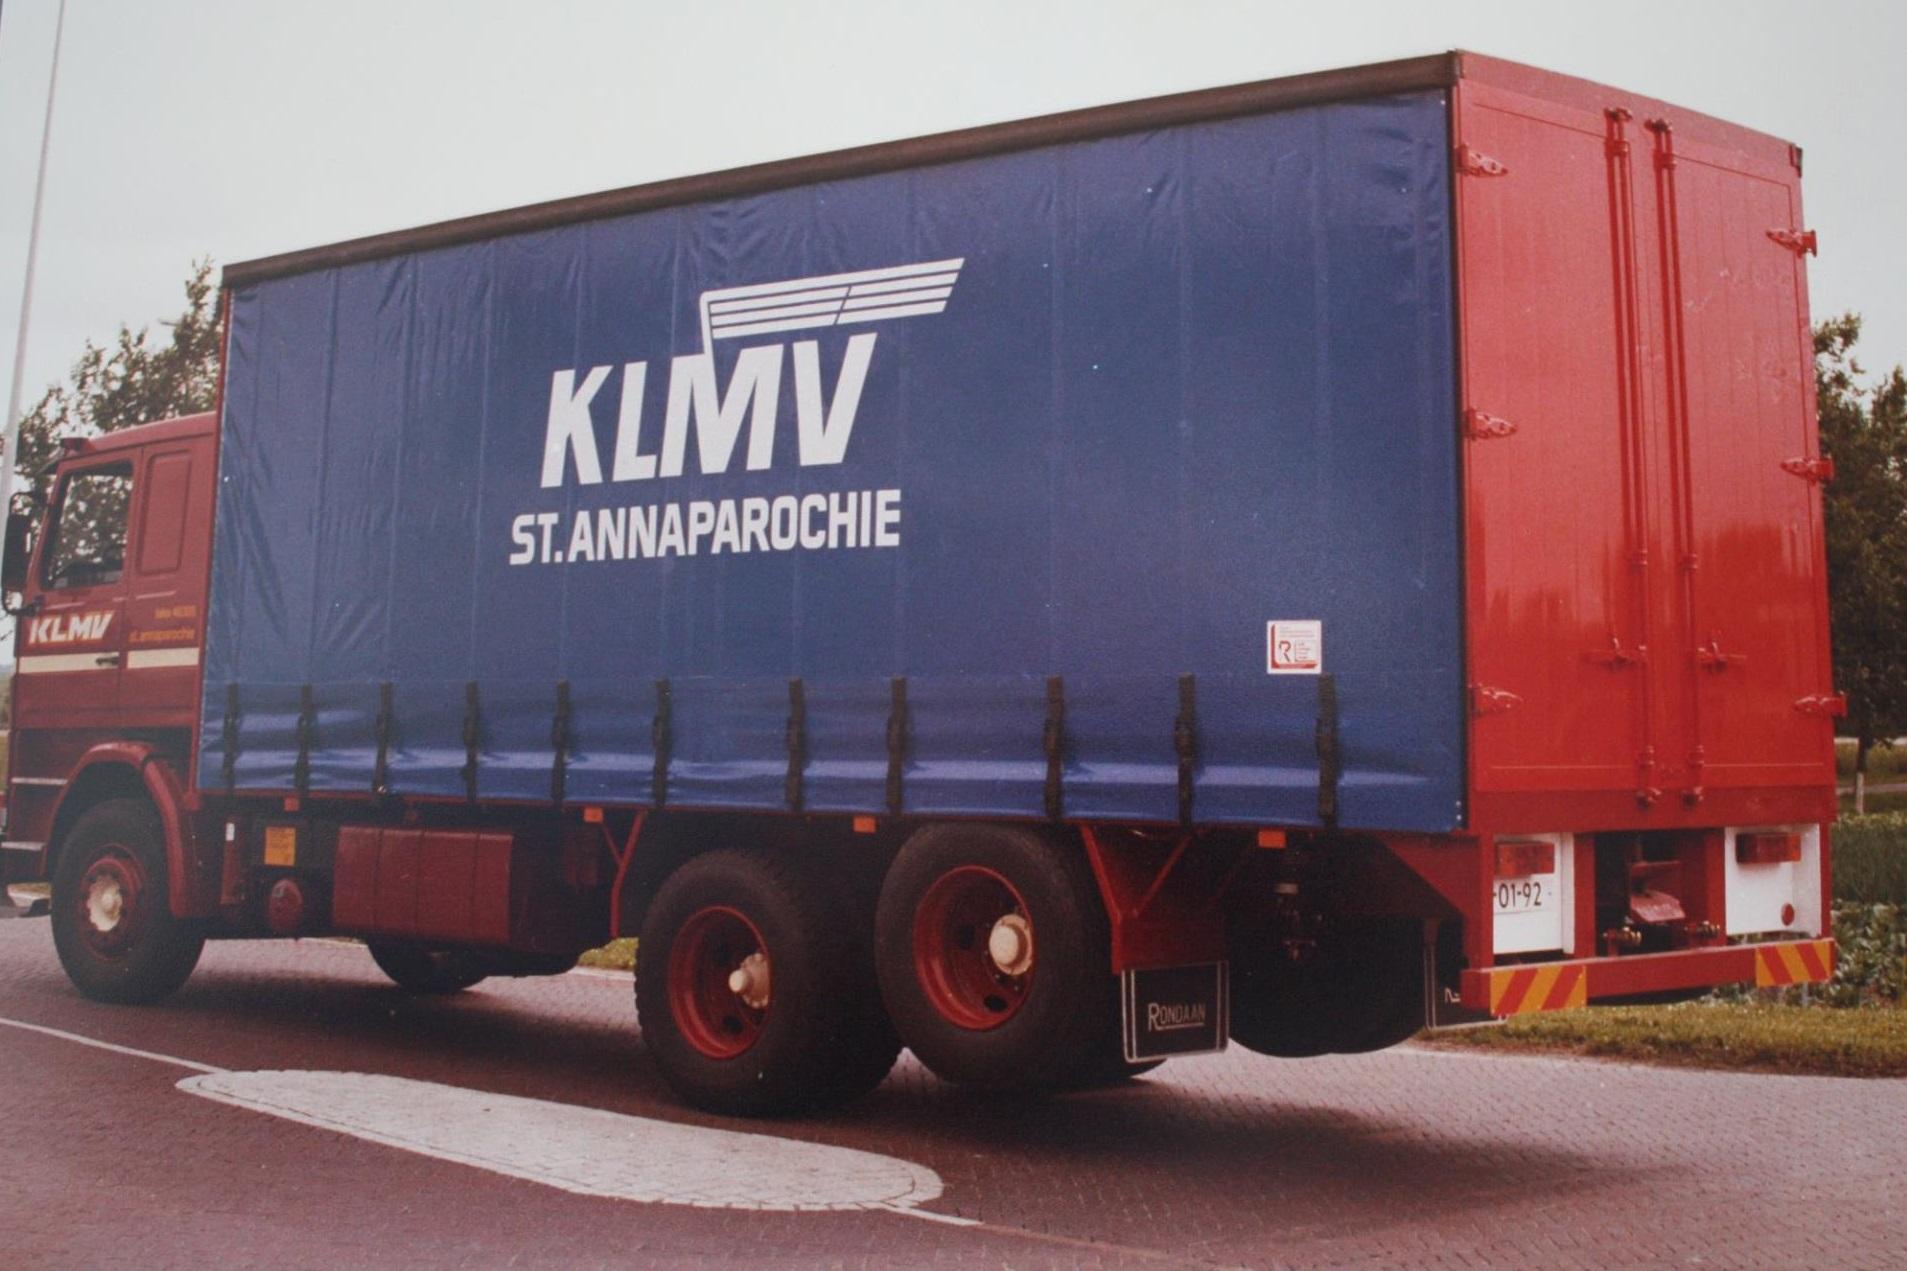 RAF-aanhangwagen-door-Rondaan-gebouwd-voor-de-KLMV-uit-Sint-Annaparochie-2